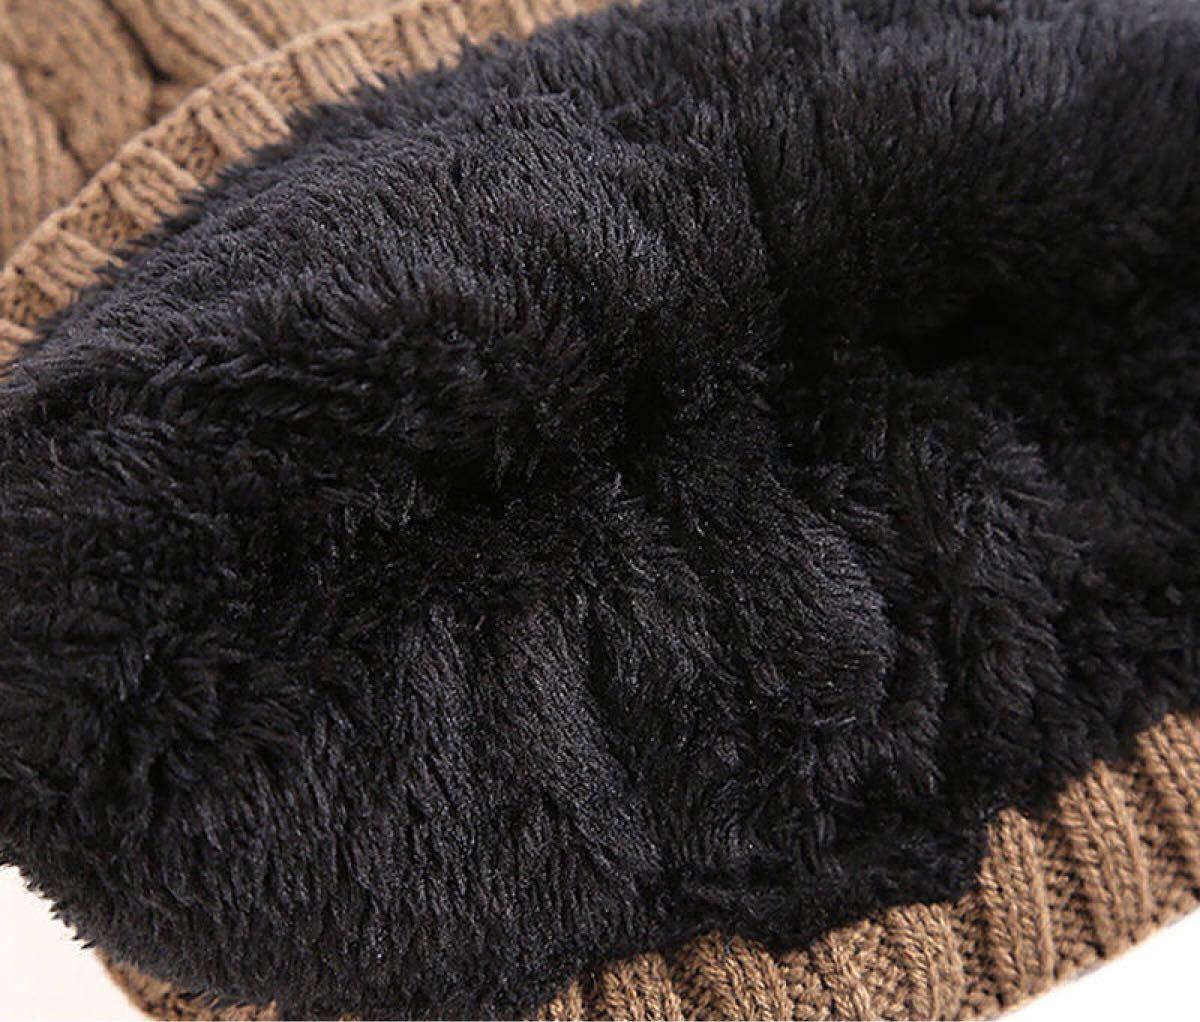 ニット帽 ネックウォーマー セット ビーニーキャップ 帽子 裏起毛  男女兼用